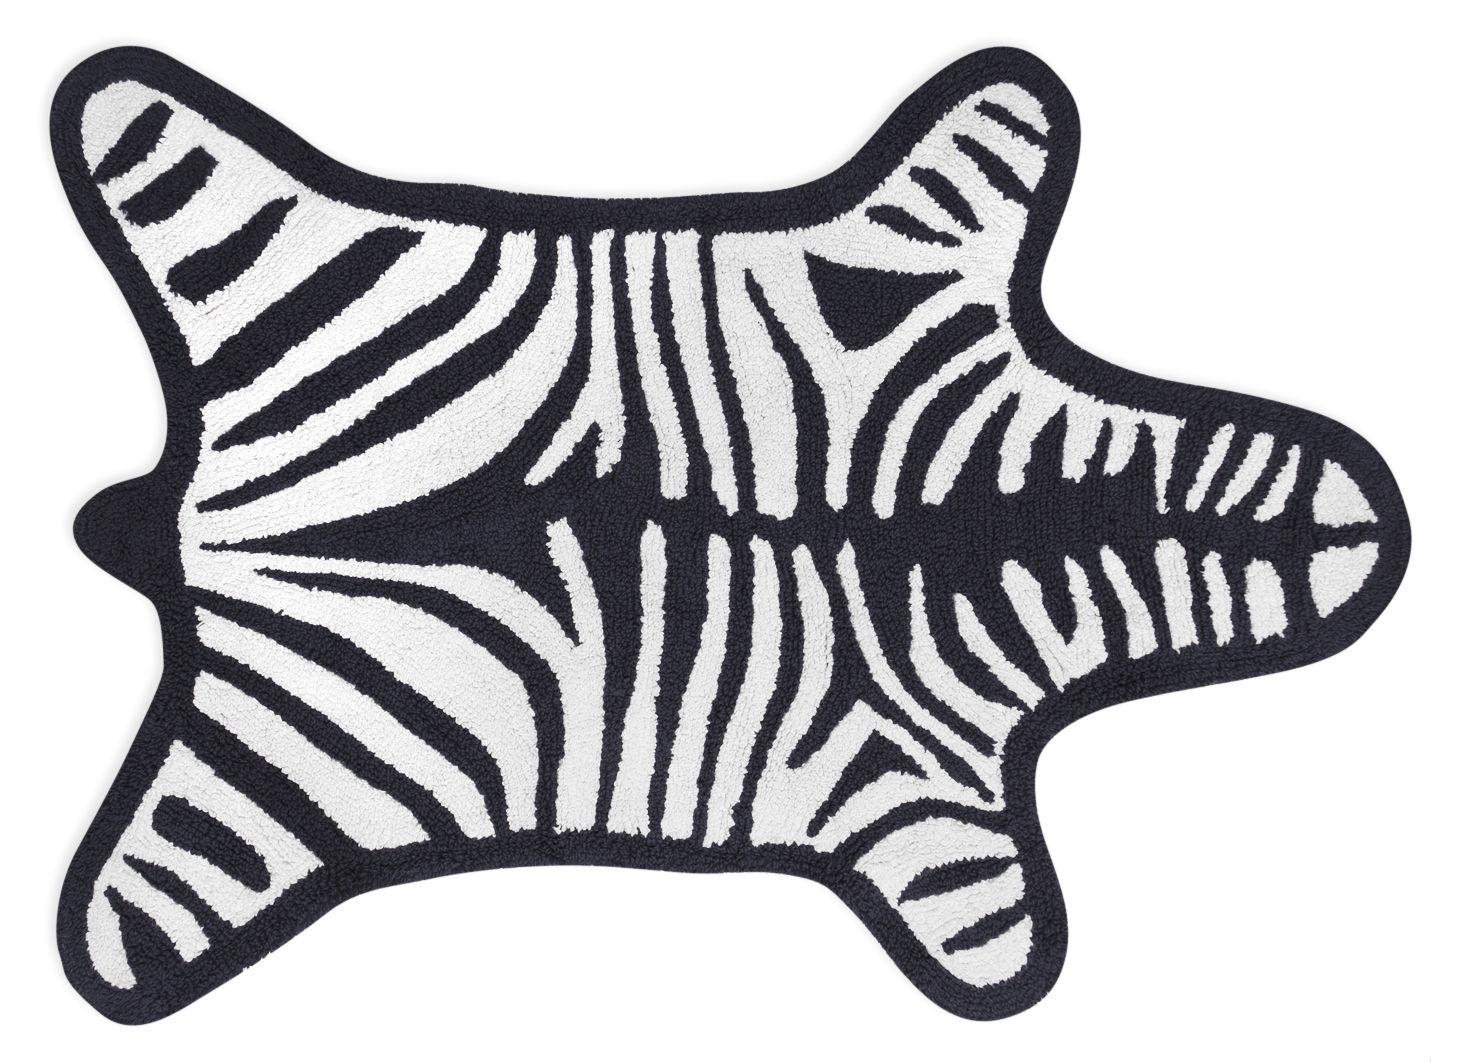 badteppich zebra von jonathan adler wei schwarz made. Black Bedroom Furniture Sets. Home Design Ideas